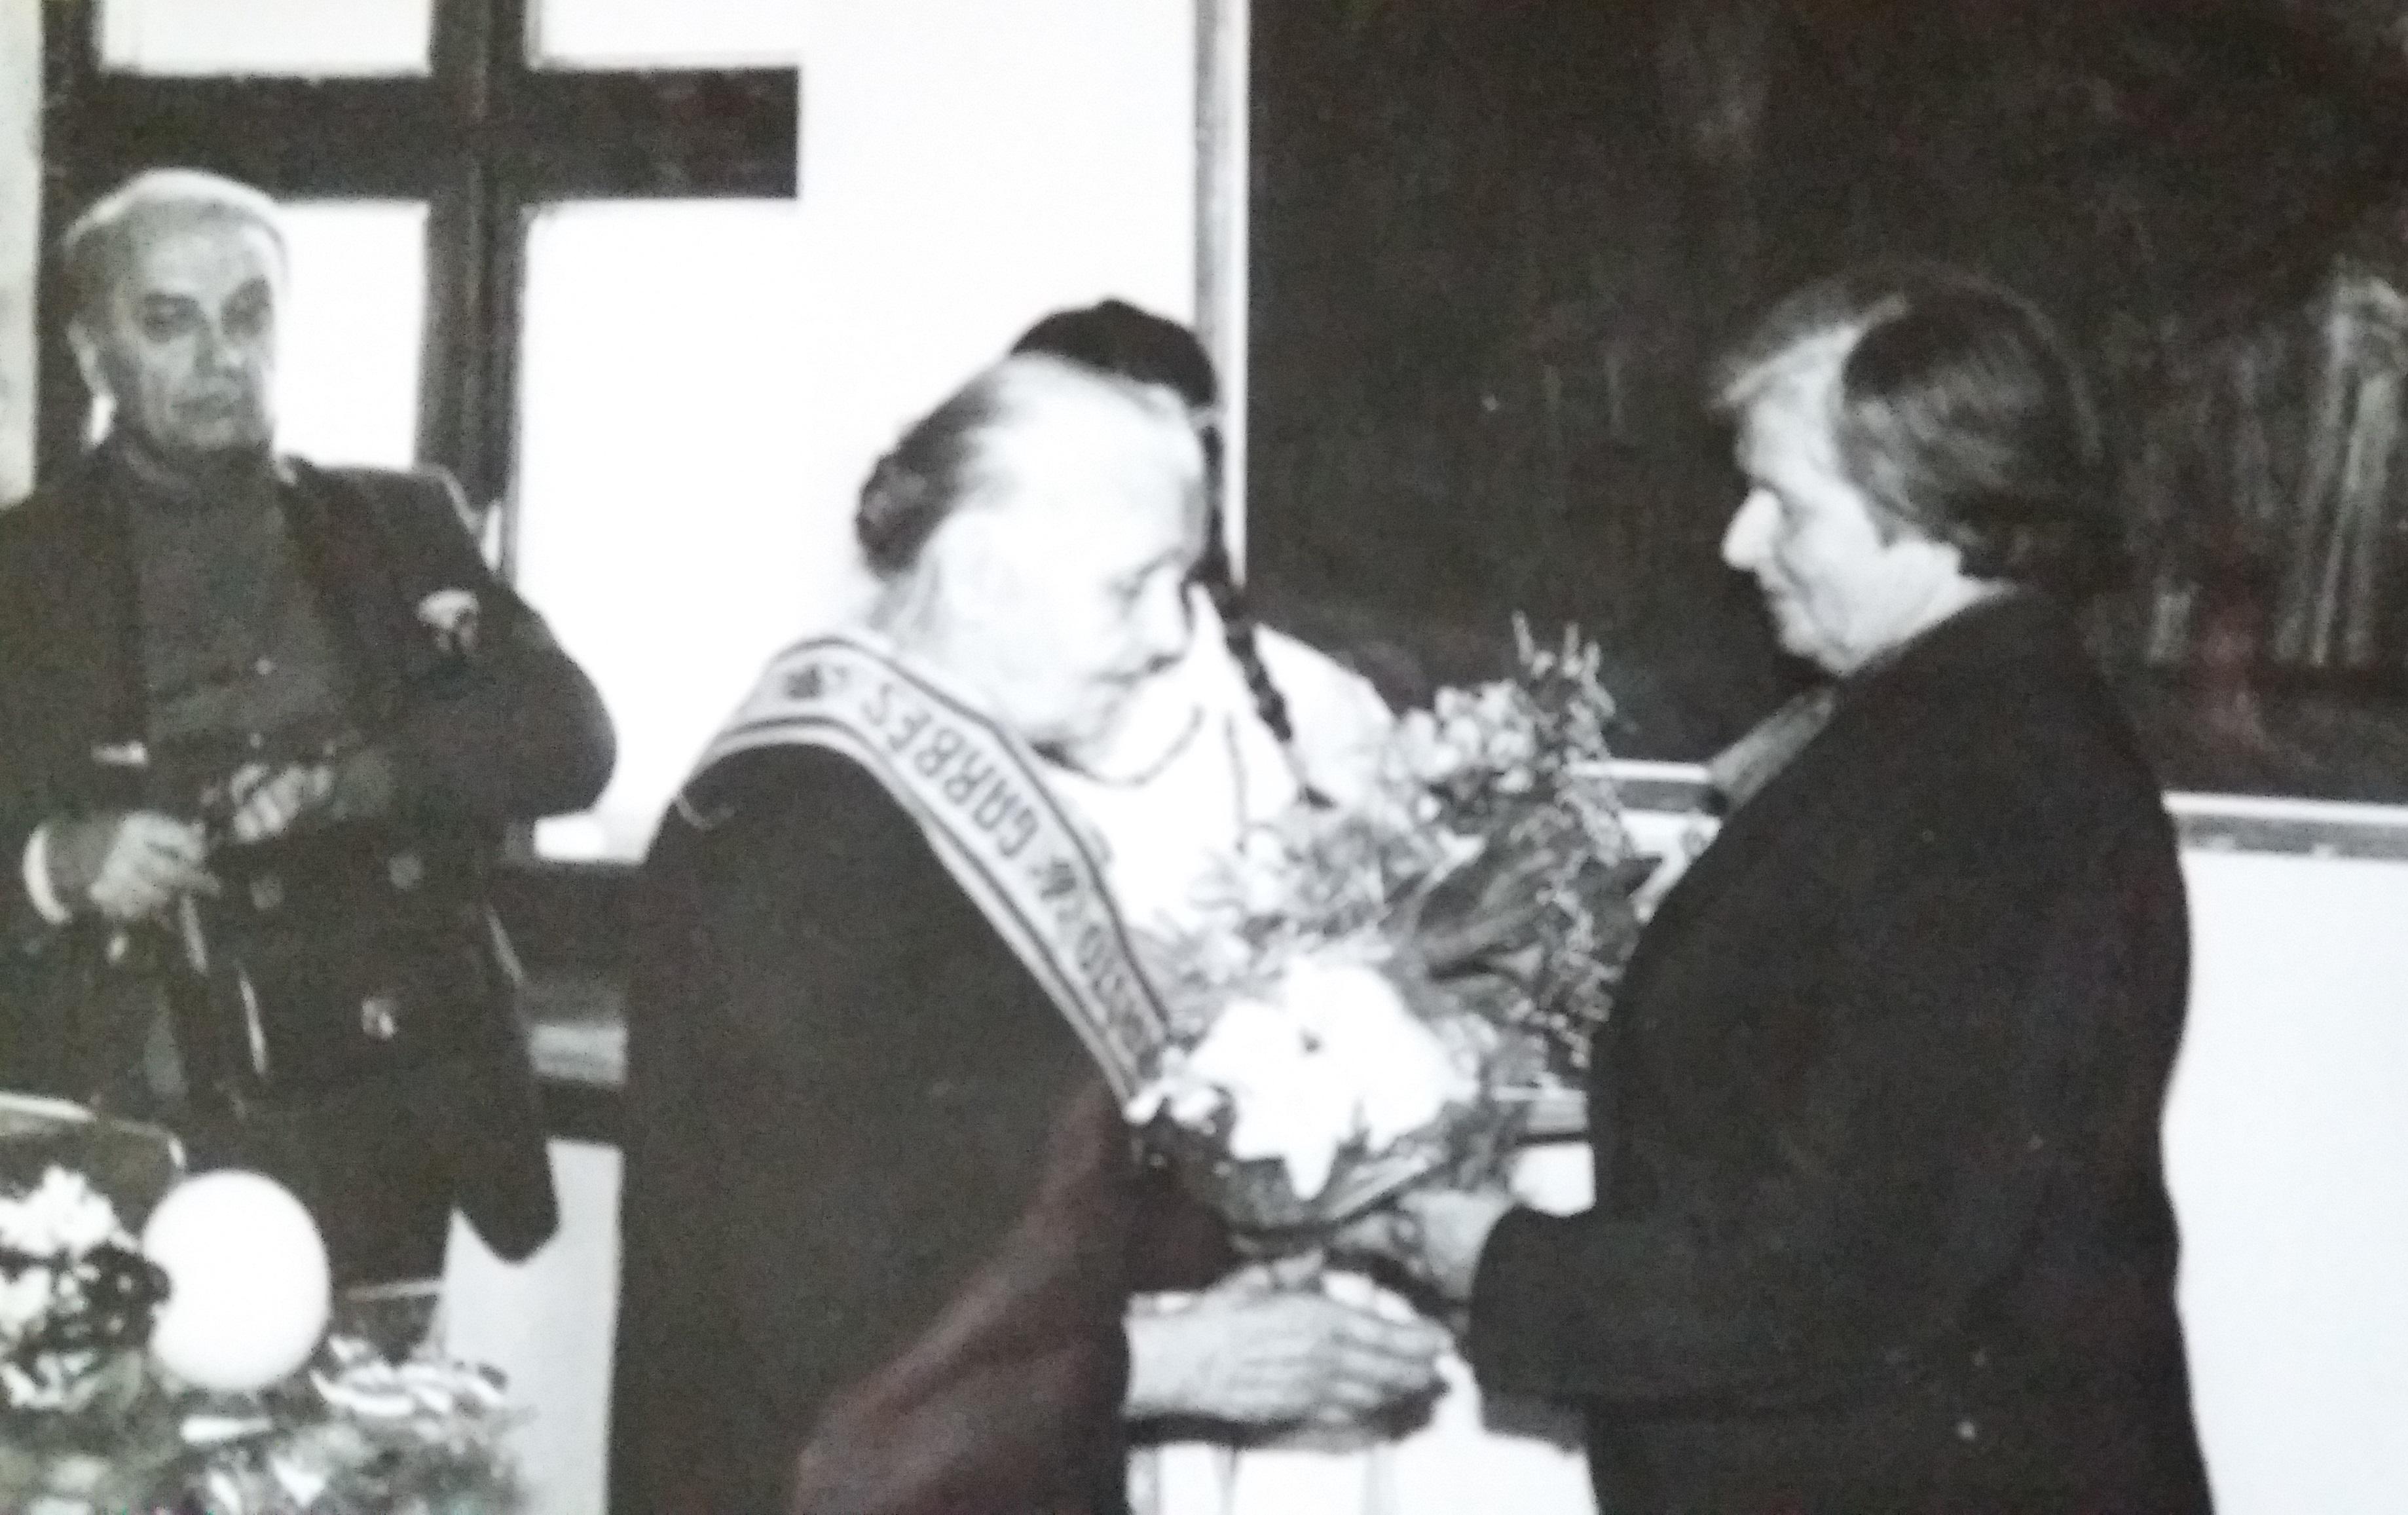 V. Daugvilienė viena pirmųjų atskubėjo pasveikinti Teklės Bružaitės, kai jai buvo įteiktas vienas iš daugybės apdovanojimų. / Asmeninio archyvo nuotr.